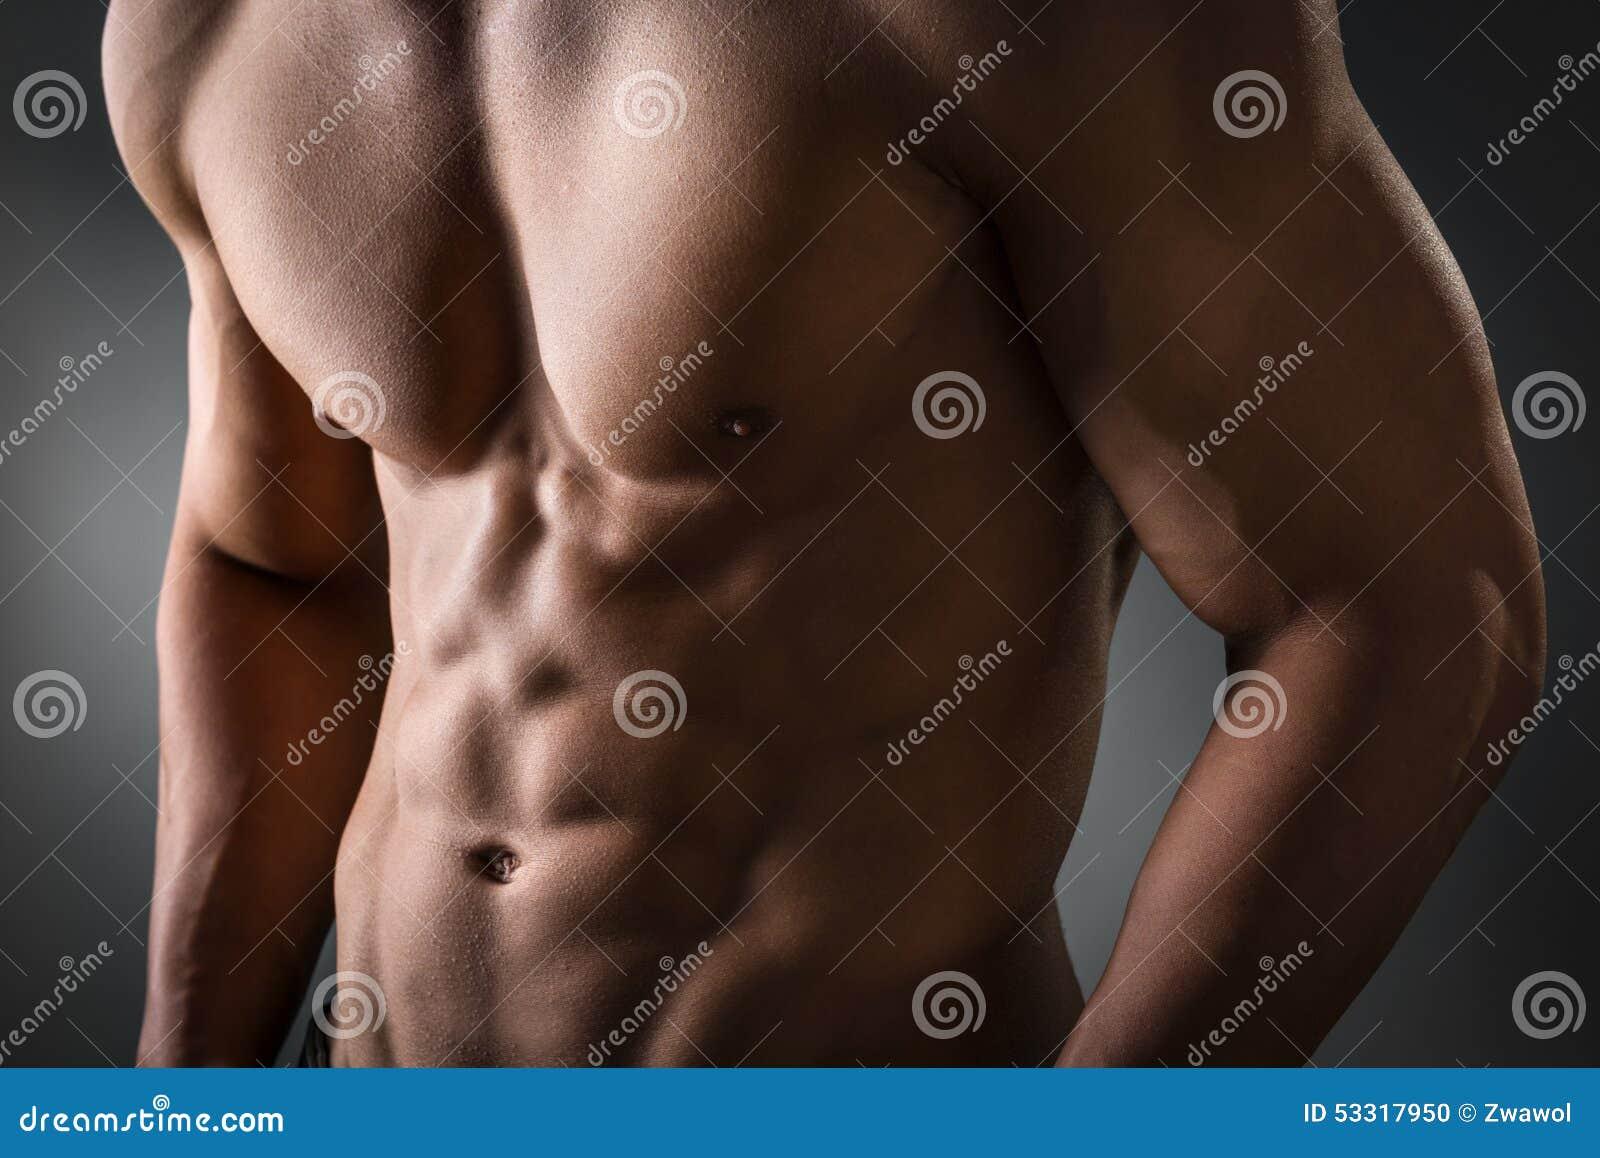 Abdominal- und Brustmuskel stockfoto. Bild von männlich - 53317950